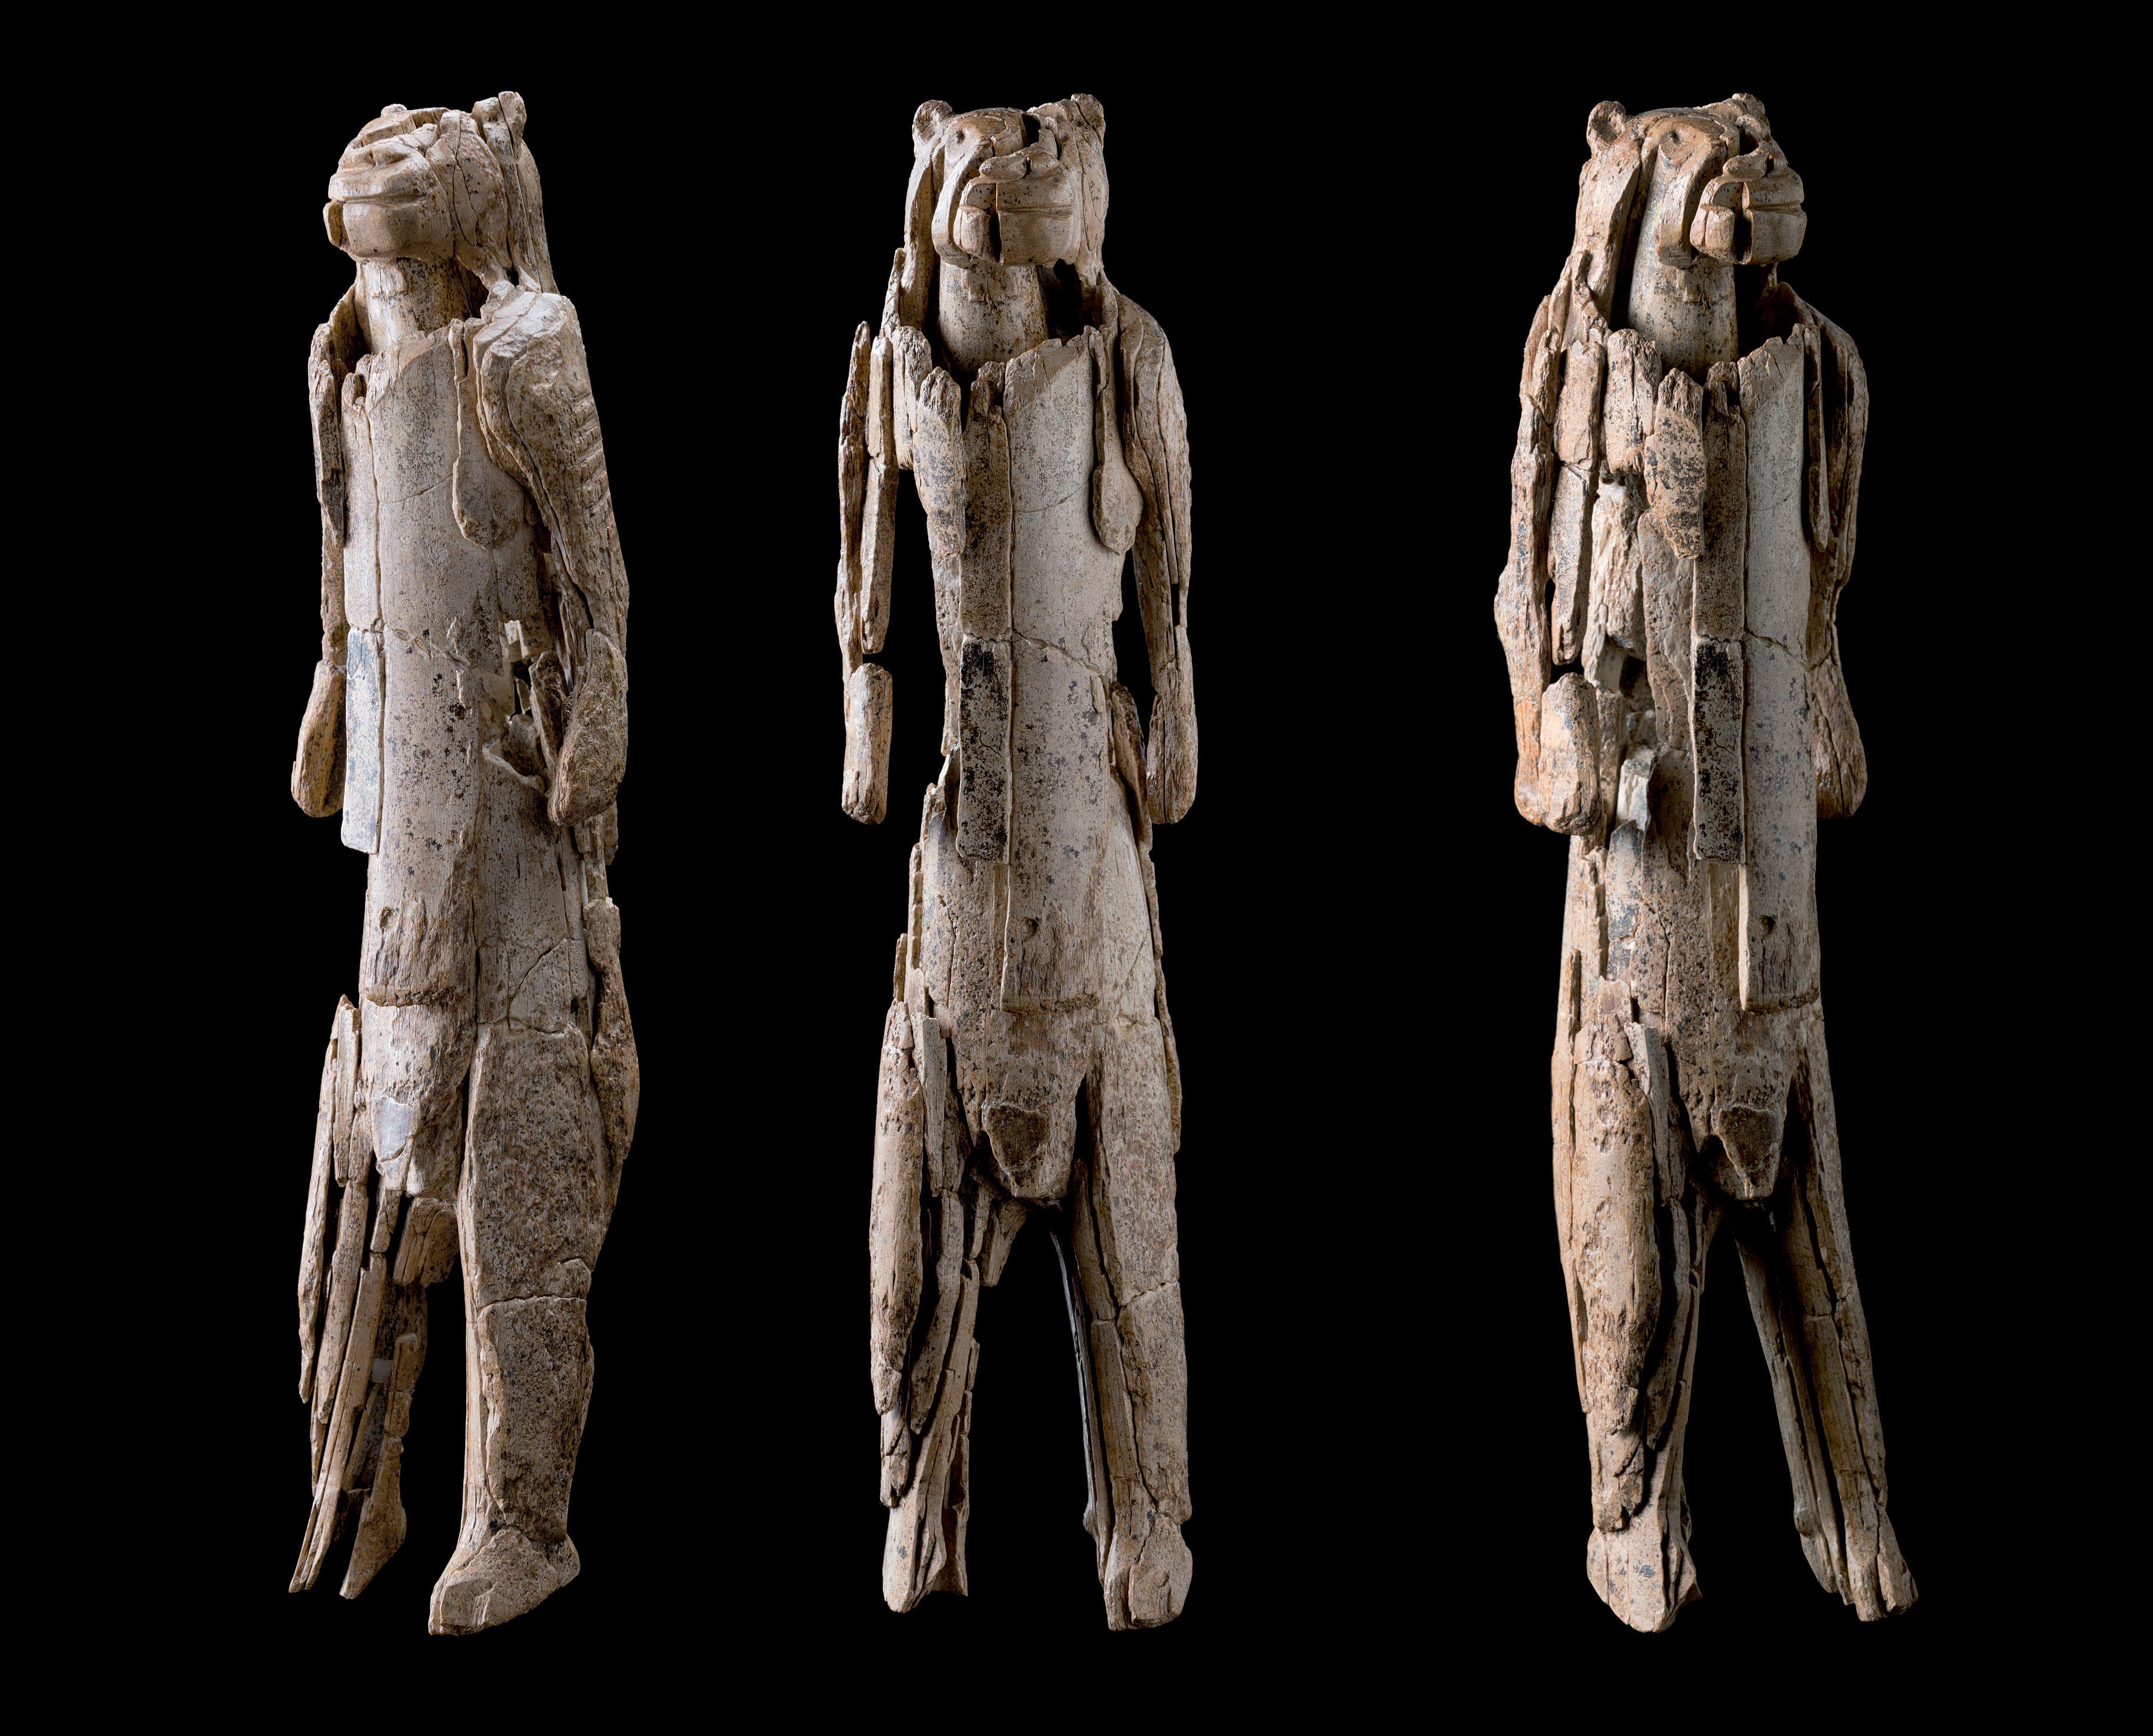 Der Löwenmensch mit drei Ansichten, Stadtmuseum Ulm